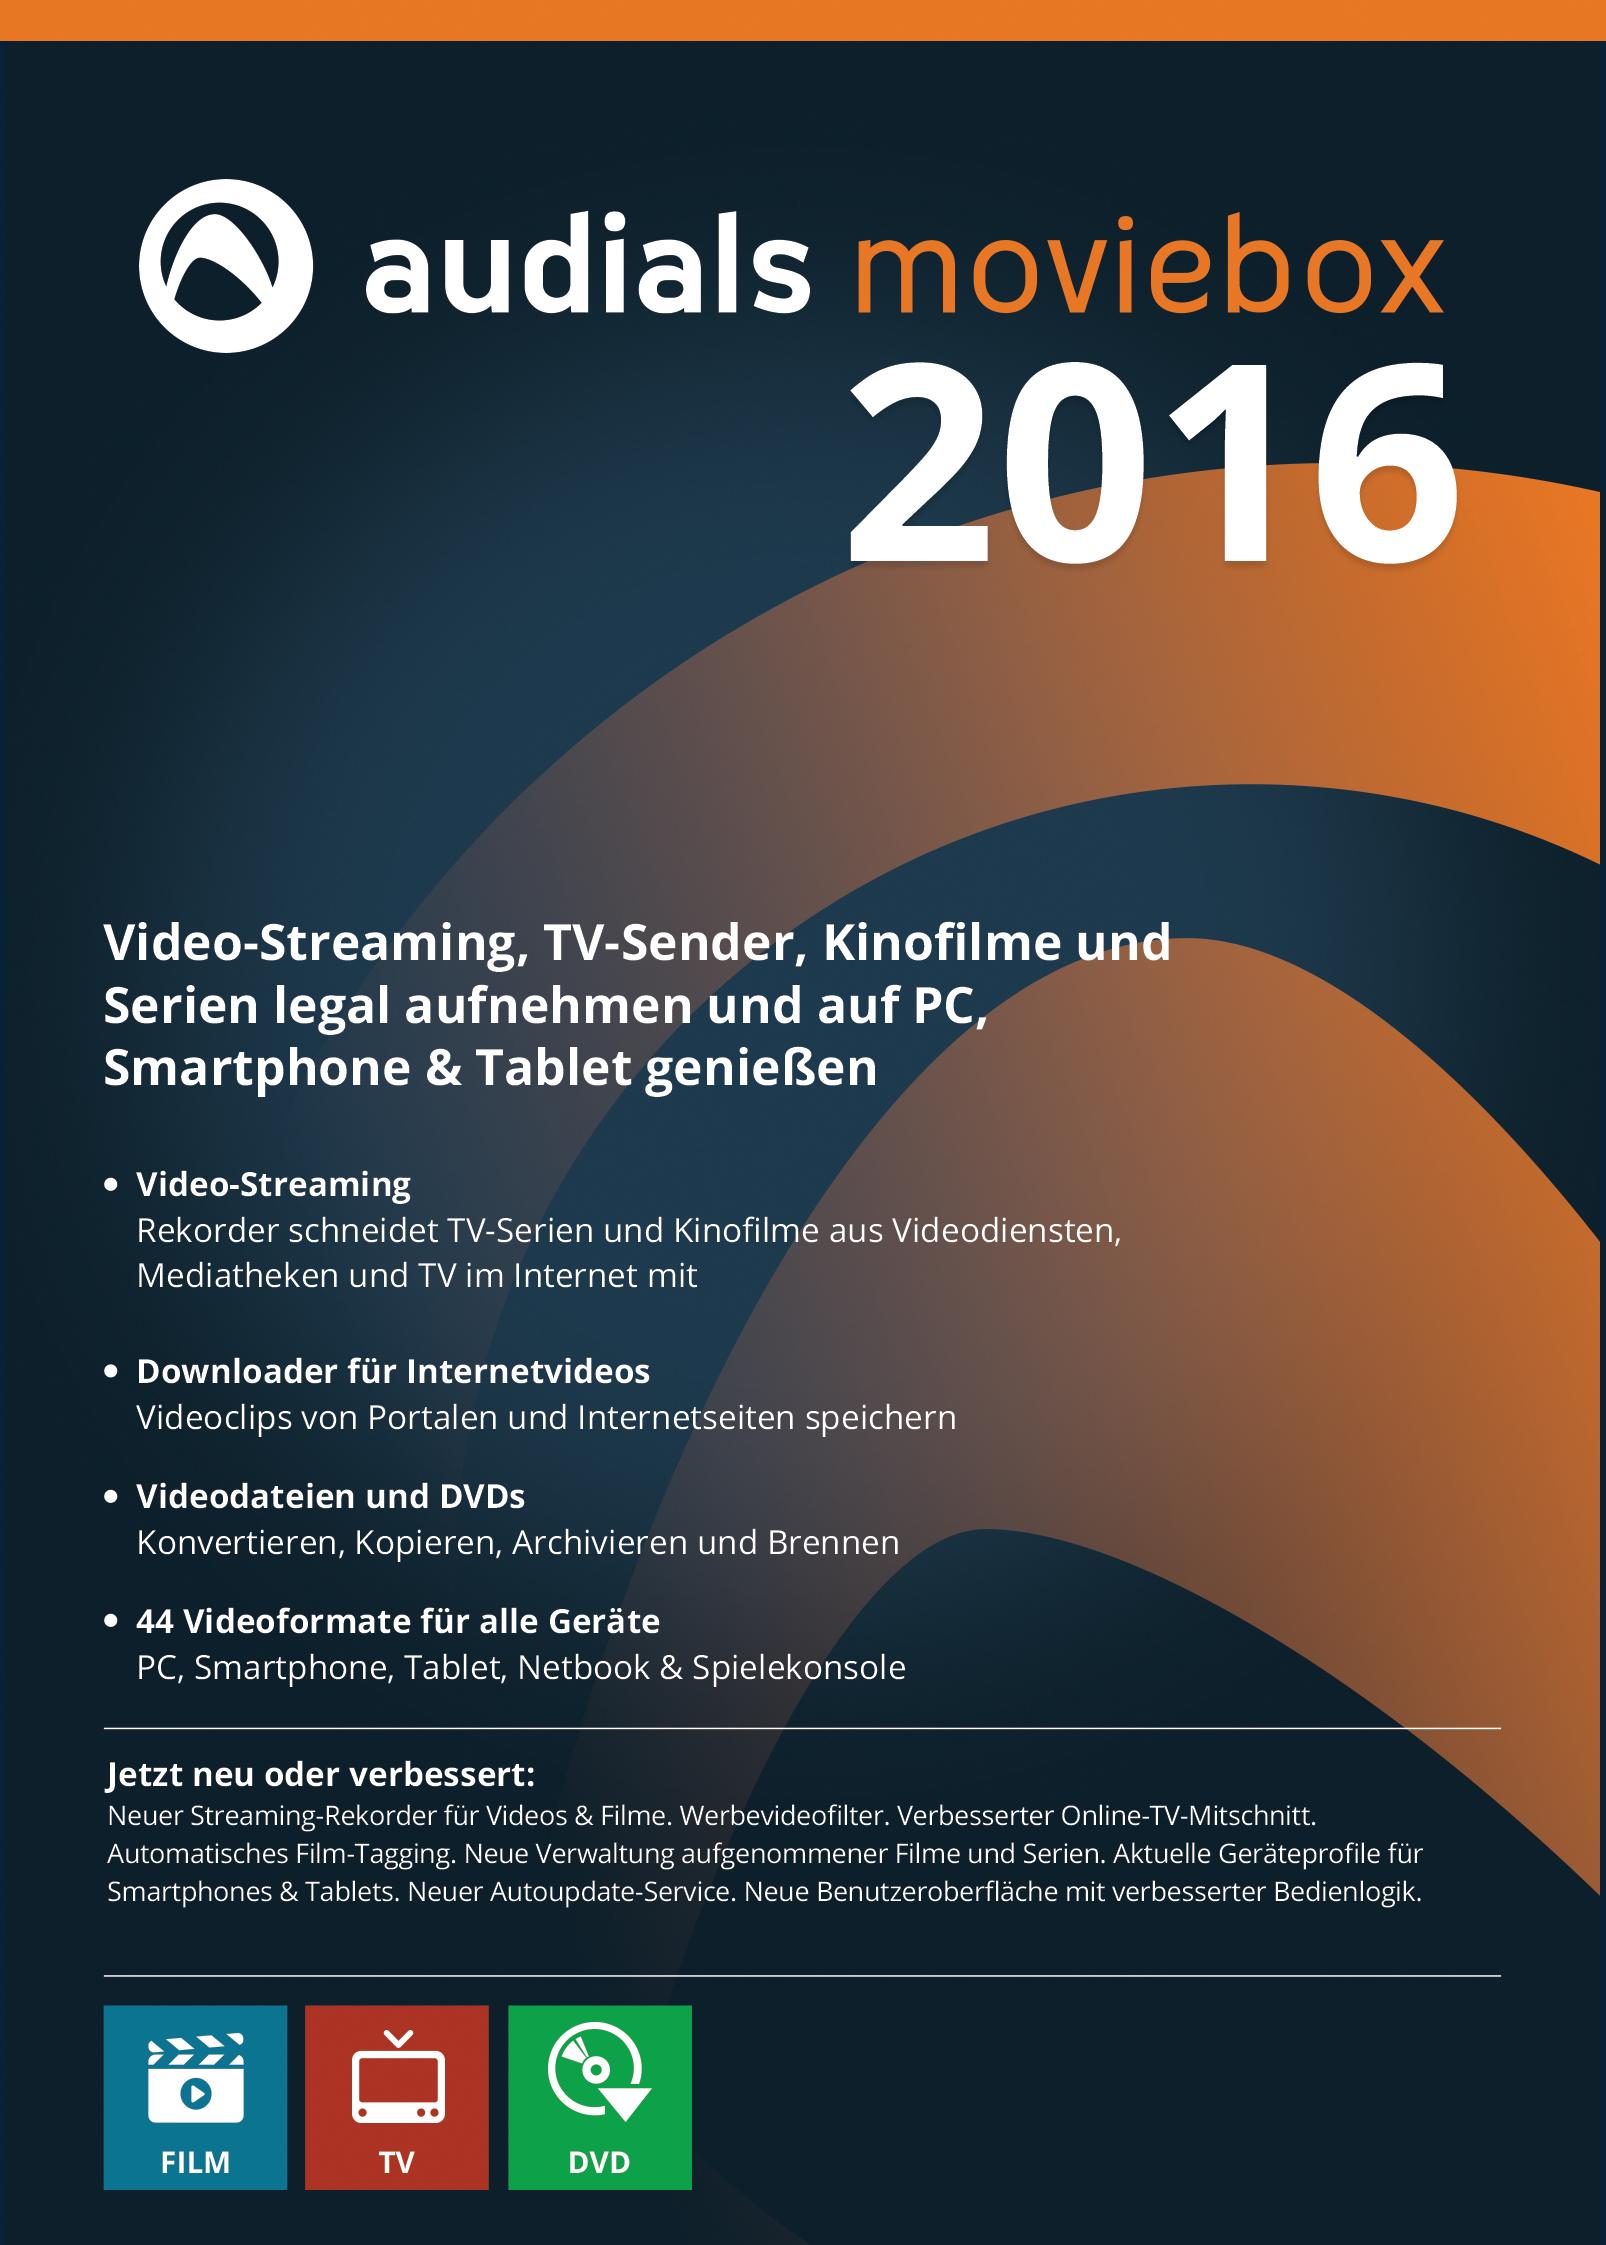 Audials Moviebox 2016: Das Tool zum kleinen Preis für Fans von Video-Unterhaltung aus dem Web [Download]